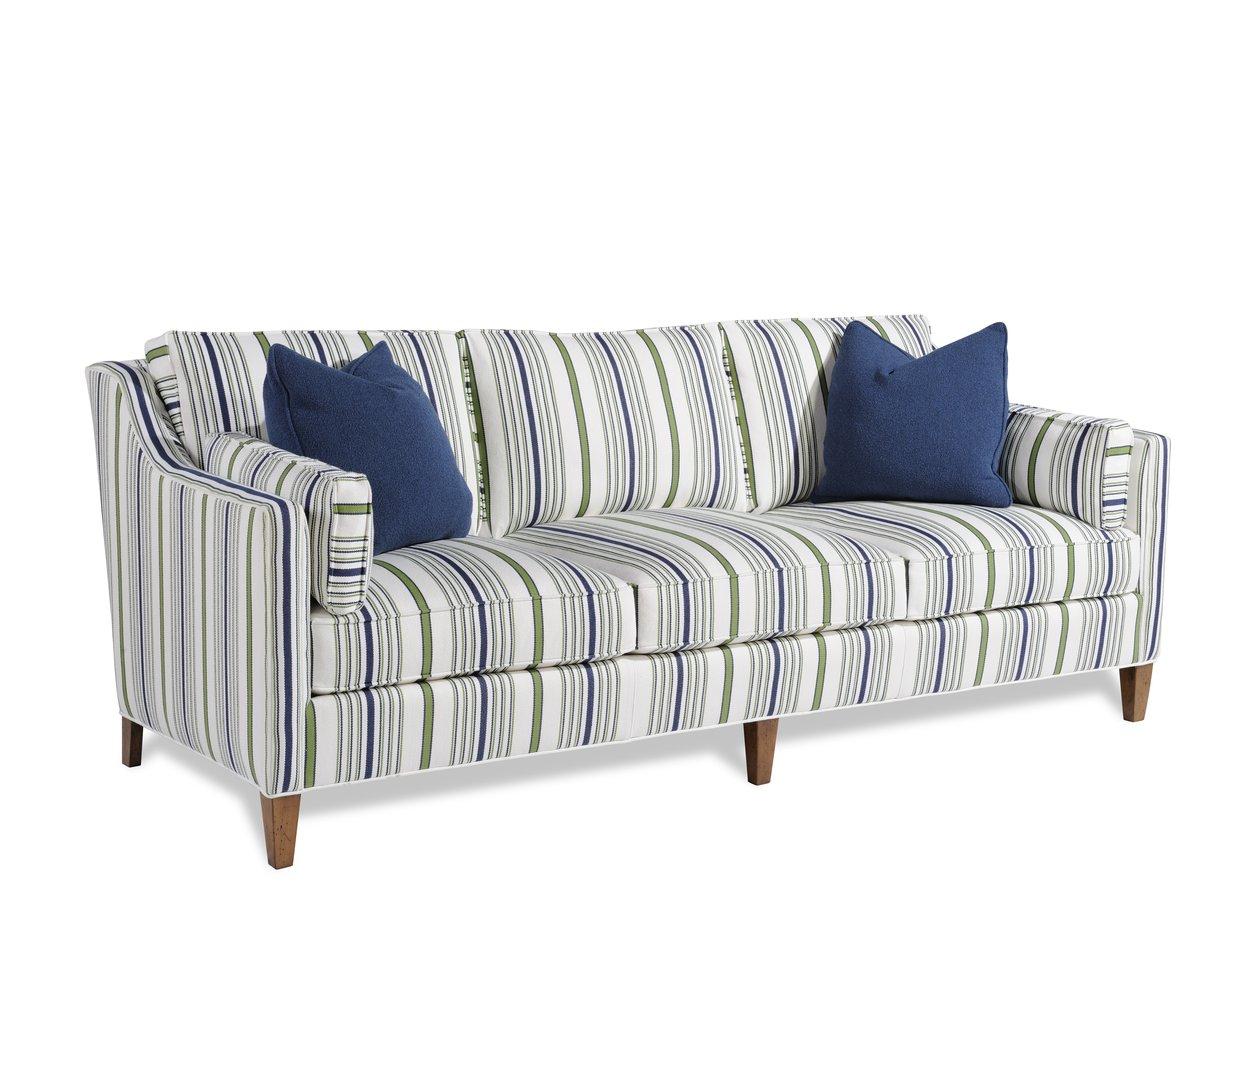 Bolton Sofa Image